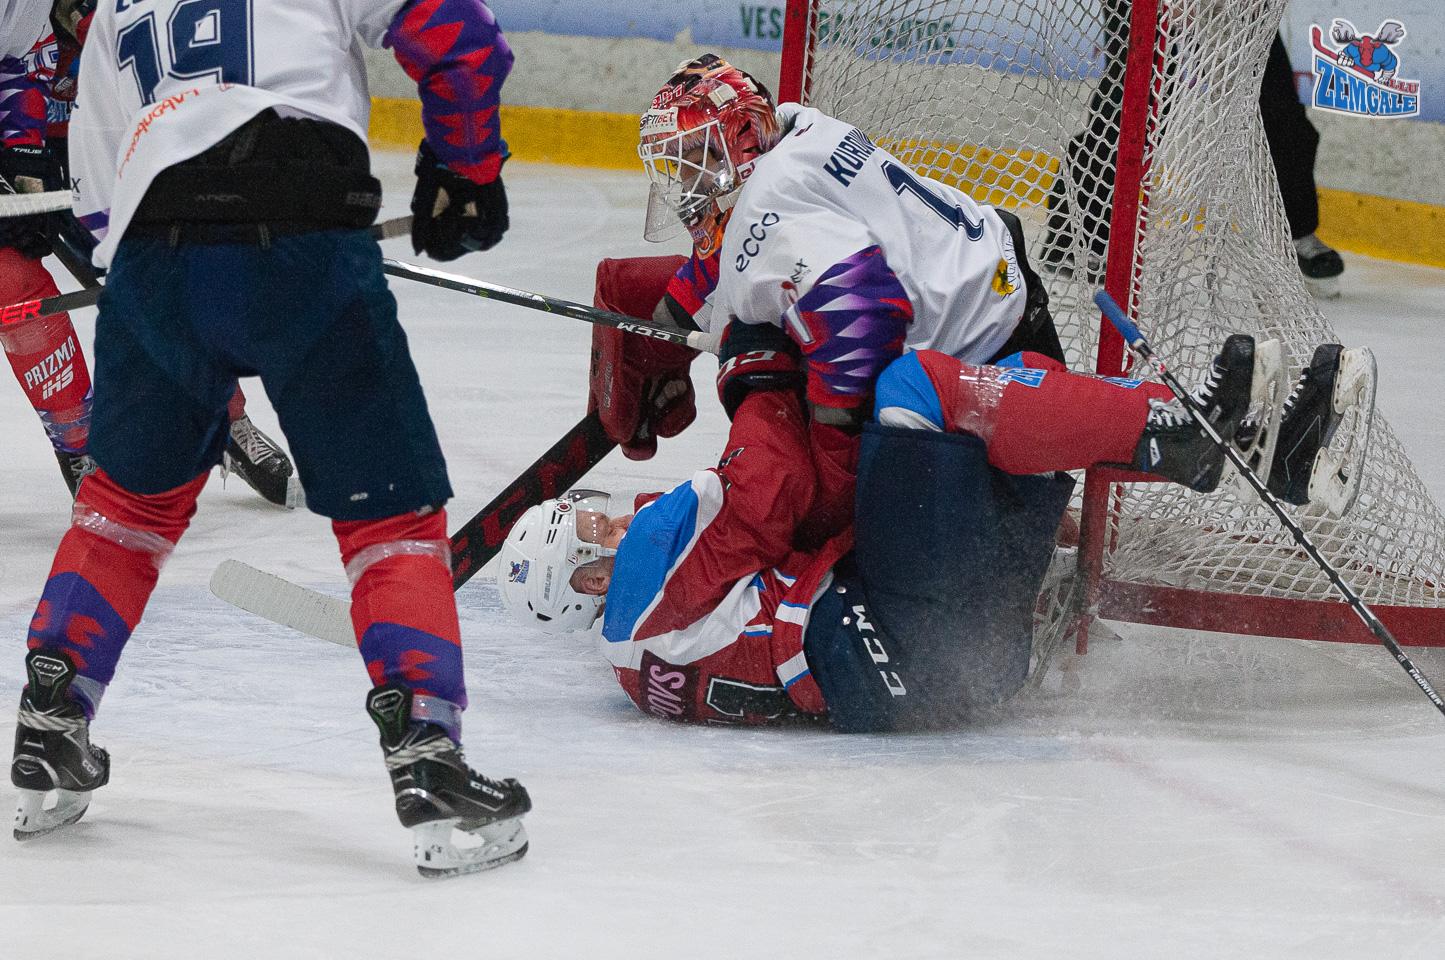 Hokejists ietriecas vārtos un vārtsargā